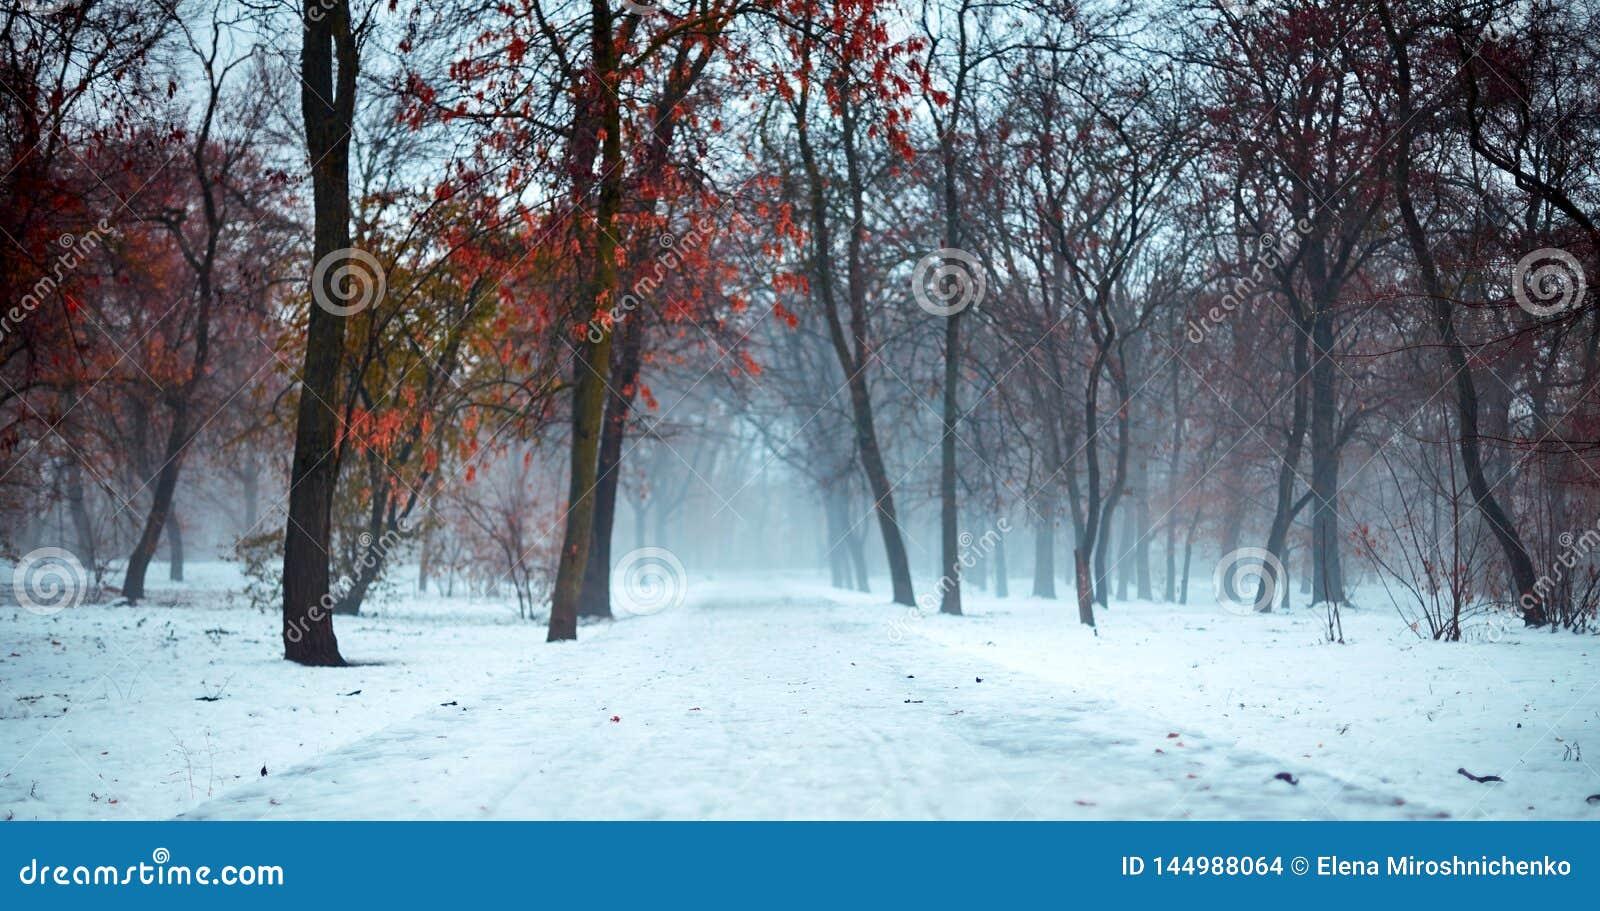 Paysage rampant et brumeux d hiver en parc neigeux, avec le chemin abandonné L atmosphère déprimée, sombre, mate, romantique